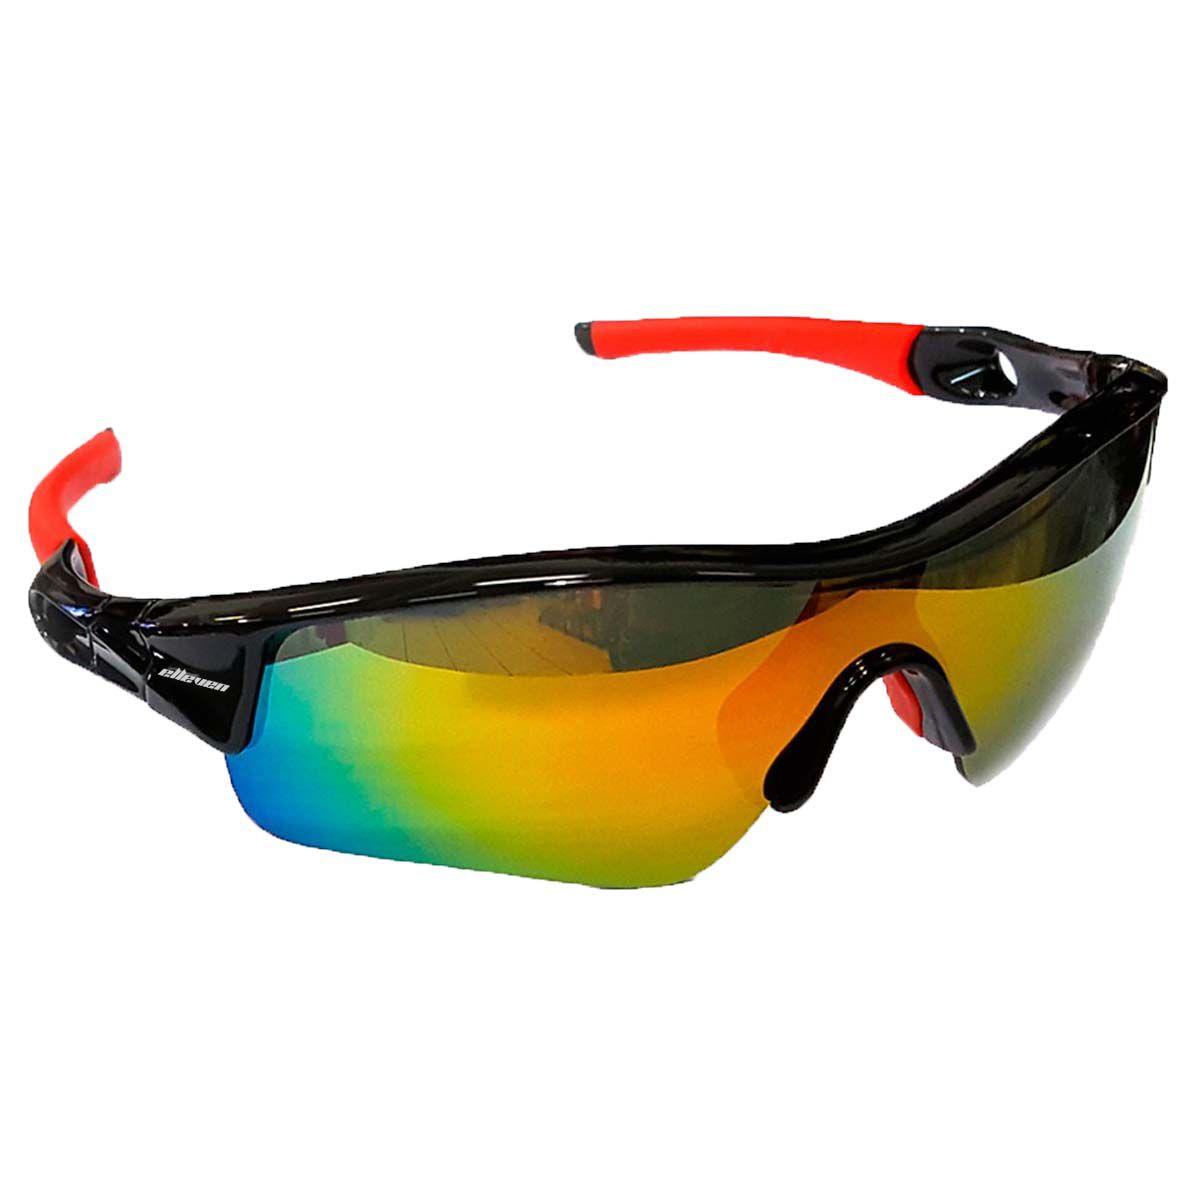 Óculos Ciclista Mod Mask - Preto c/Vermelho C/ Lentes Coloridas   - REAL ESPORTE